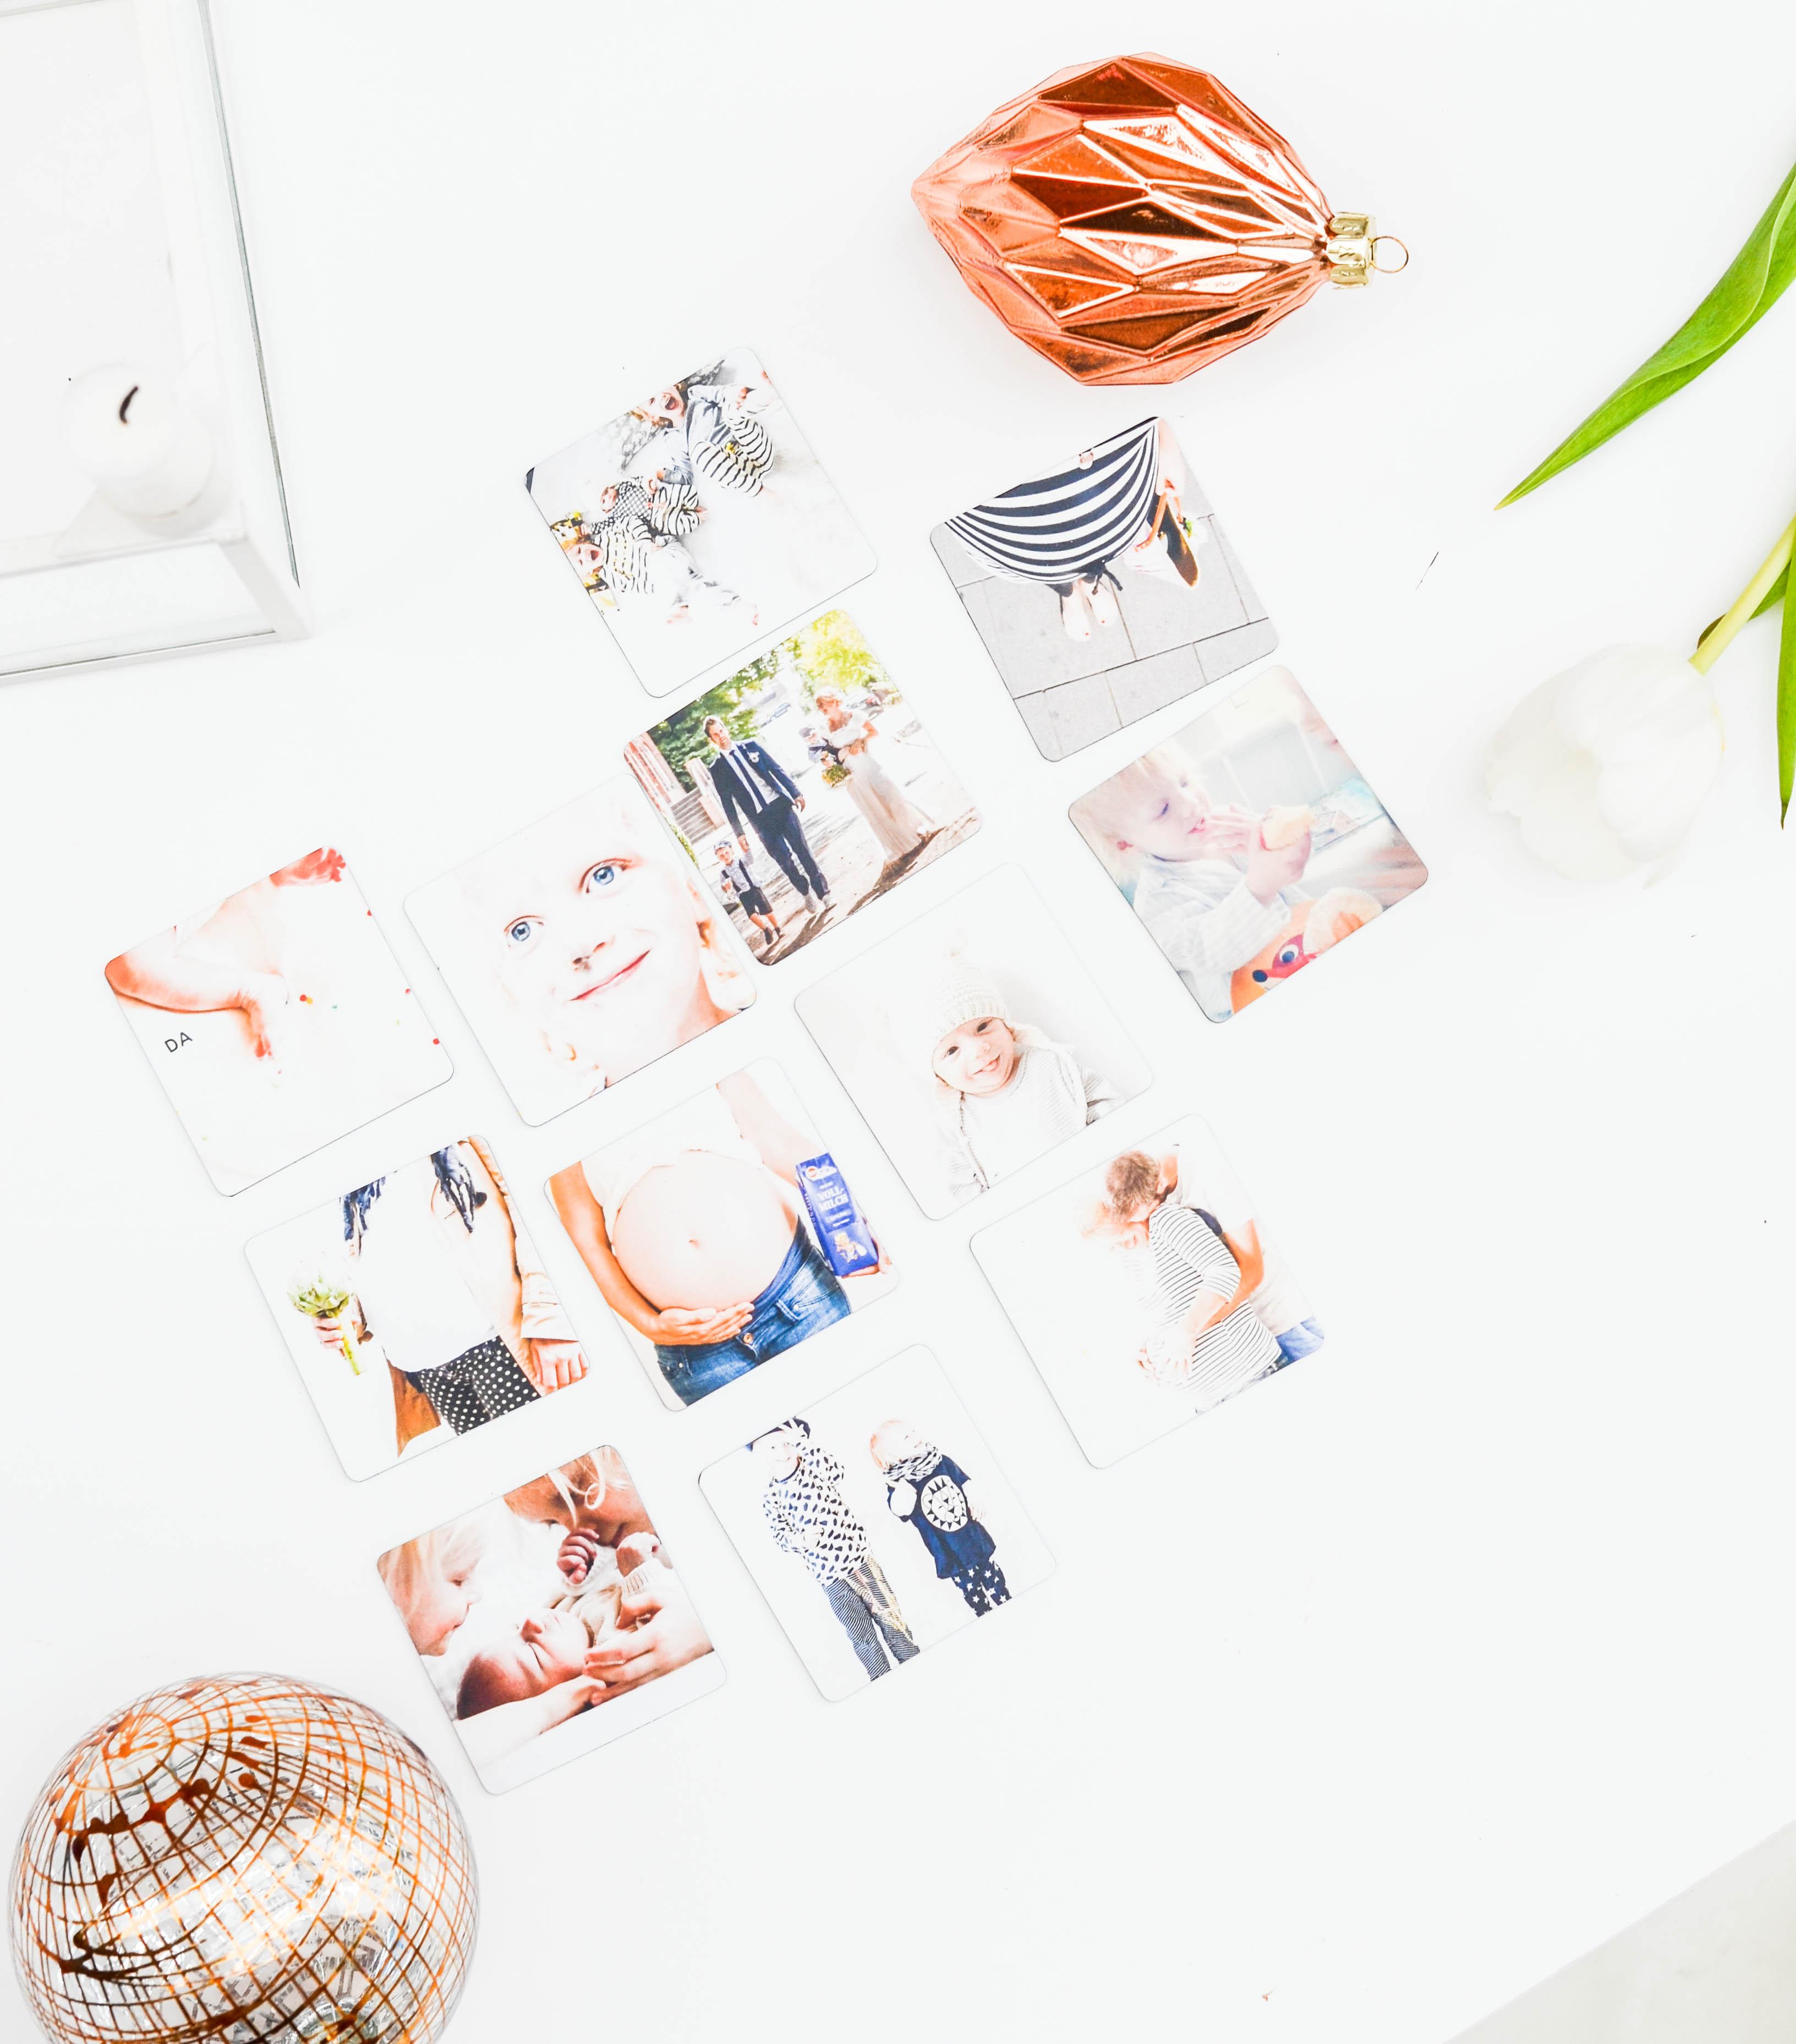 Instagramm. Magnete, Kühlschrank, Kinderfotos, Picpack